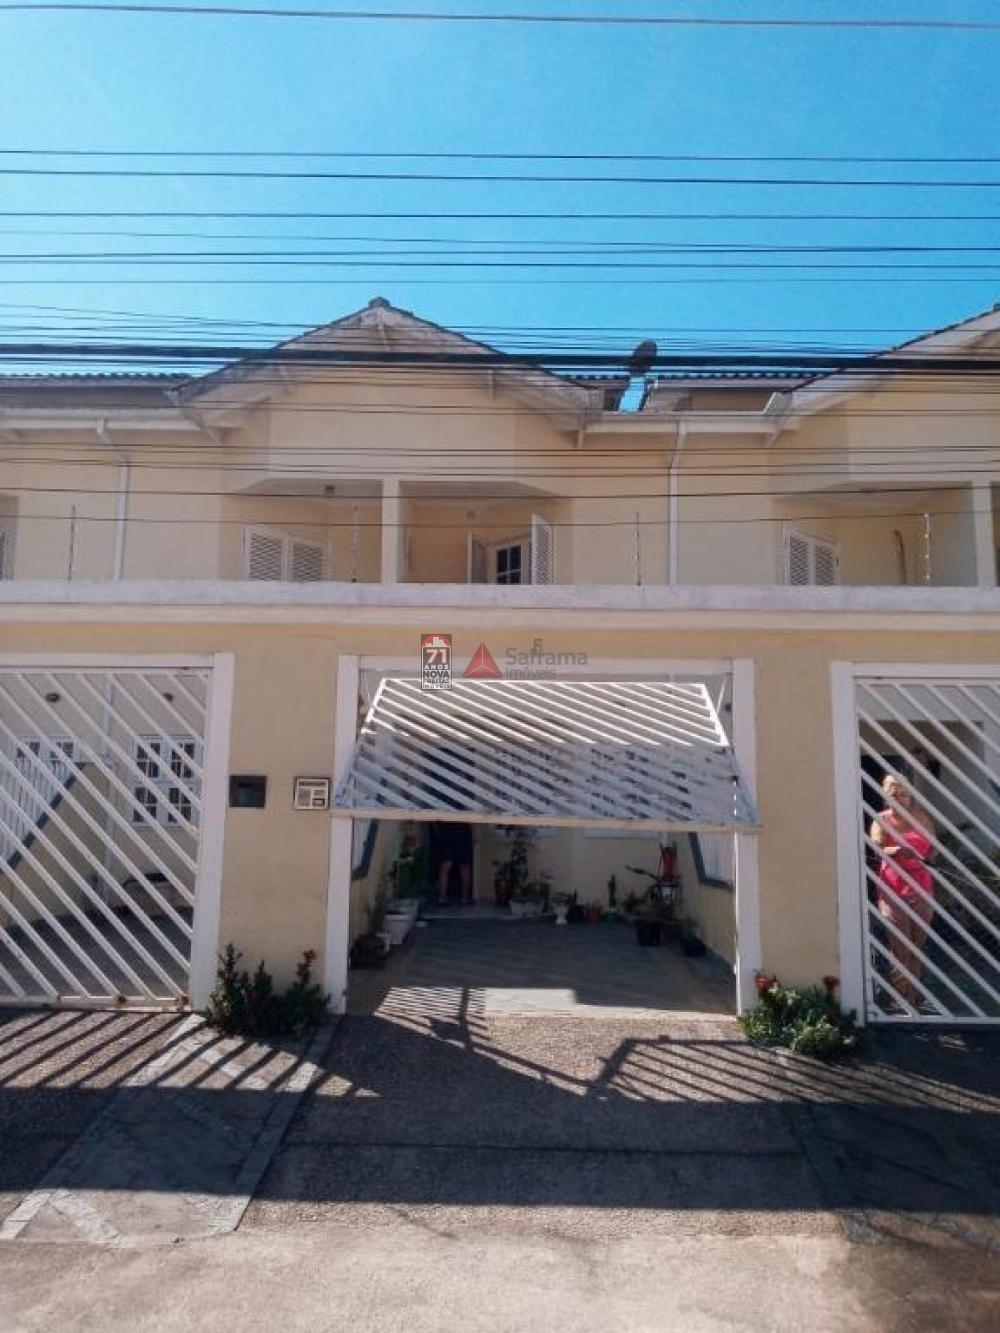 Comprar Casa / Sobrado em Caraguatatuba apenas R$ 350.000,00 - Foto 1